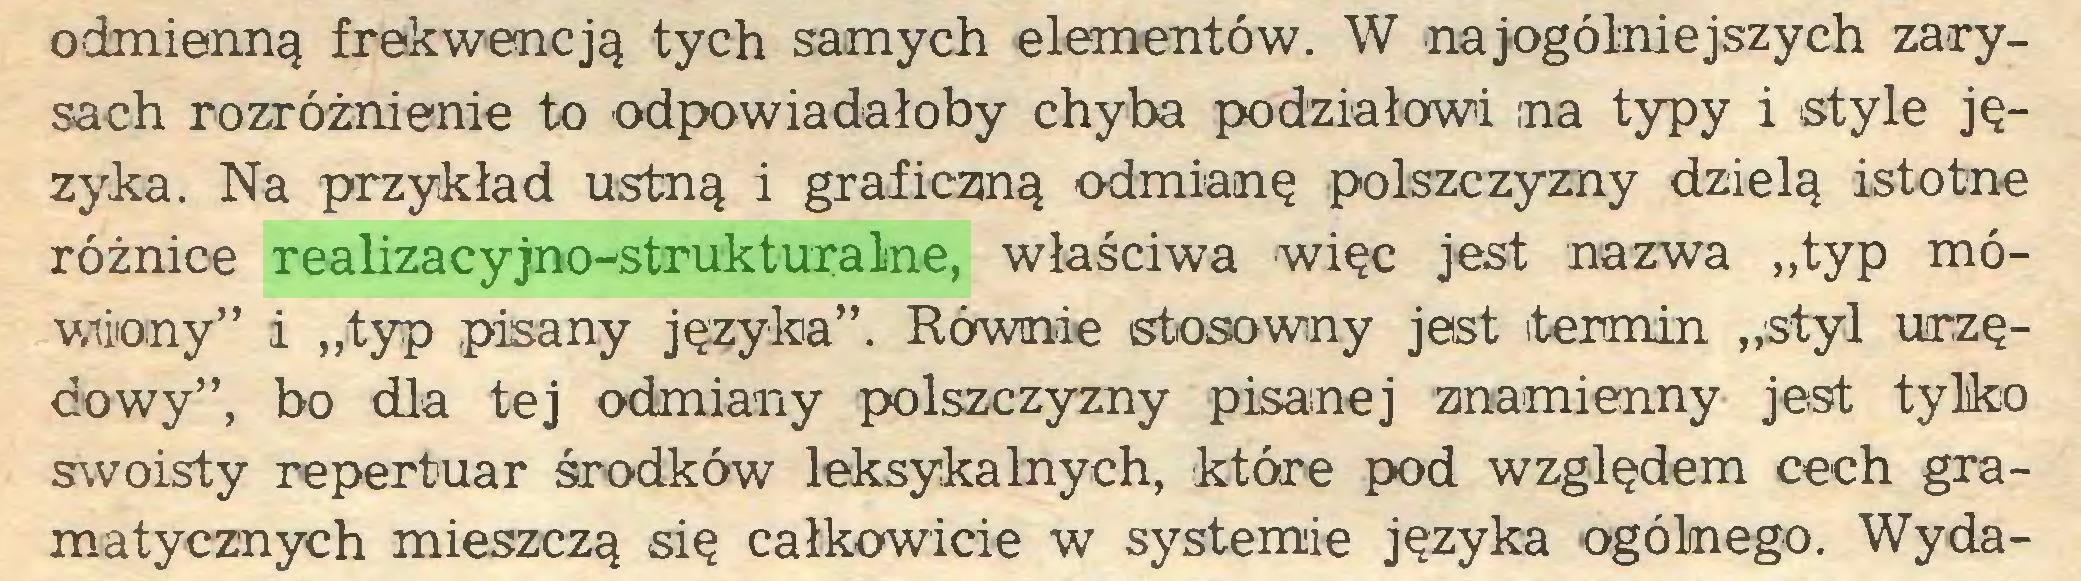 """(...) odmienną frekwencją tych samych elementów. W najogólniejszych zarysach rozróżnienie to odpowiadałoby chyba podziałowi na typy i style języka. Na przykład ustną i graficzną odmianę polszczyzny dzielą istotne różnice realizacyjno-strukturalne, właściwa więc jest nazwa """"typ mówiony"""" i """"typ pasany języka"""". Równie stosowny jest termin """"styl urzędowy"""", bo dla tej odmiany polszczyzny pisanej znamienny jest tylko swoisty repertuar środków leksykalnych, które pod względem cech gramatycznych mieszczą się całkowicie w systemie języka ogólnego. Wyda..."""